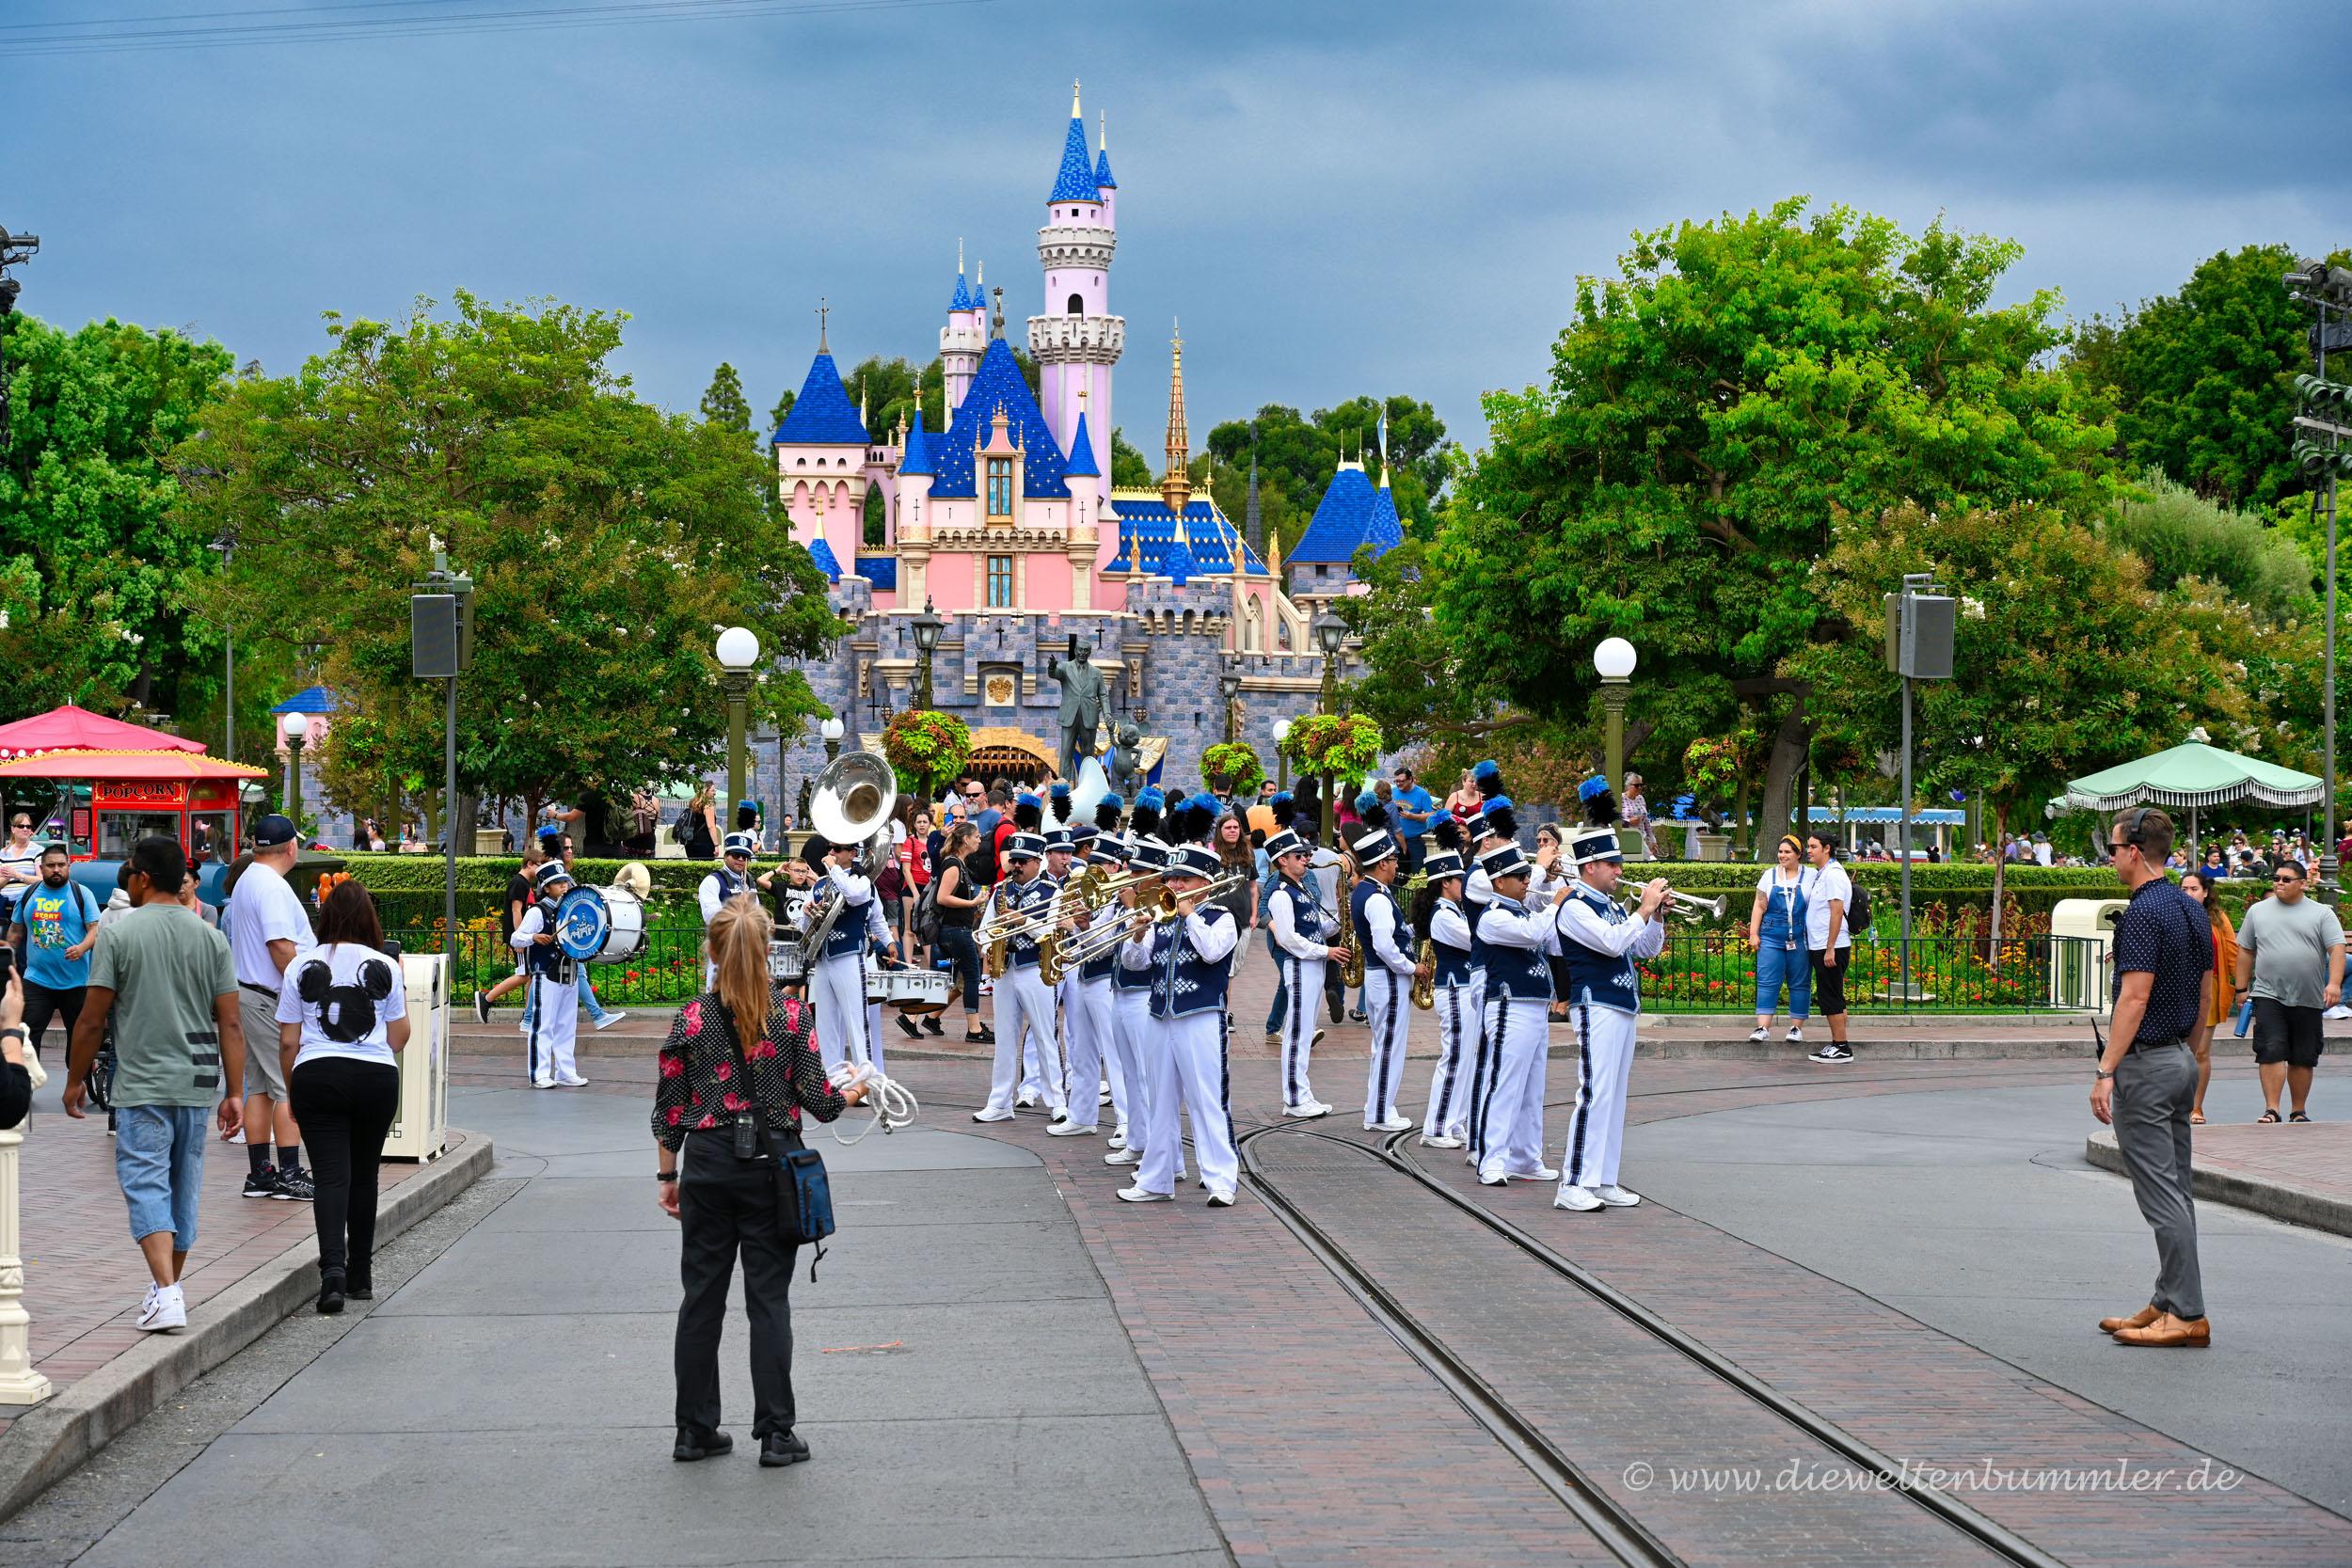 Parade im Disneyland Anaheim